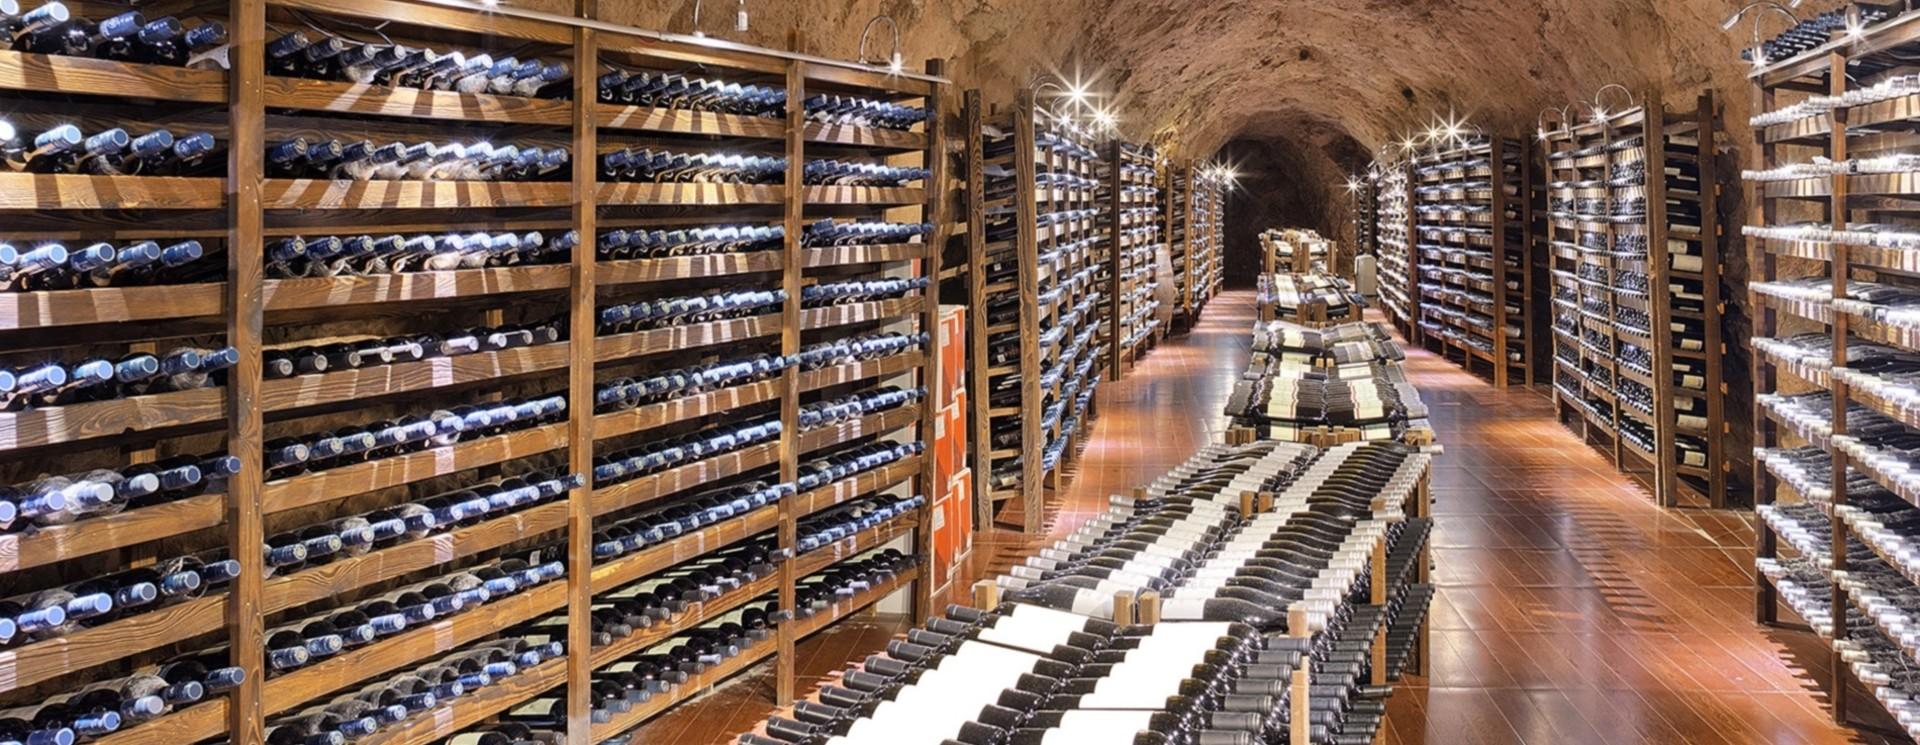 Alle wijn